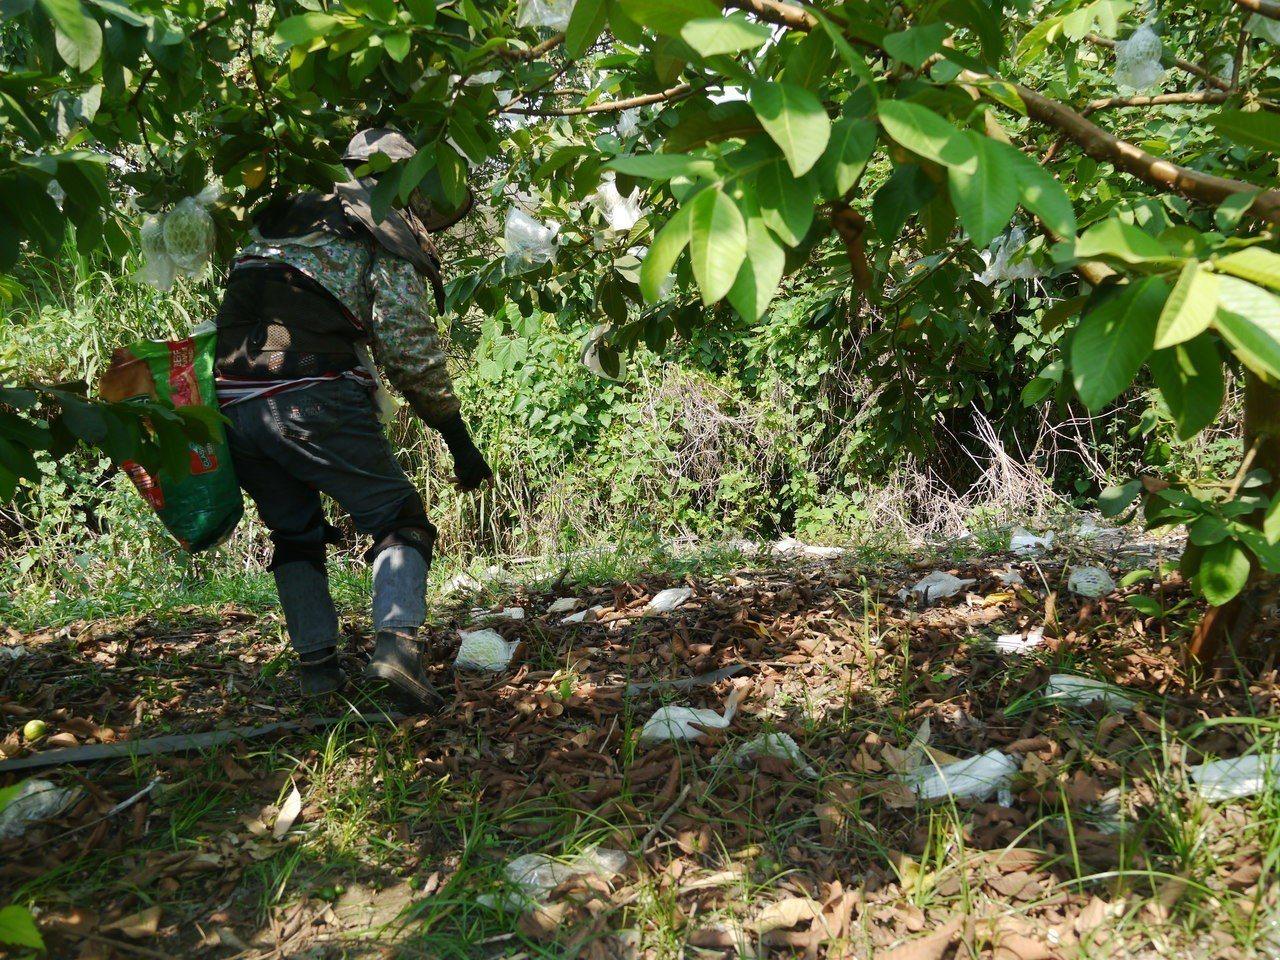 高雄旗山李家果園位在旗尾山下,芭樂樹下地面遺留空袋,多數是猴群偷芭樂後丟棄在地。...